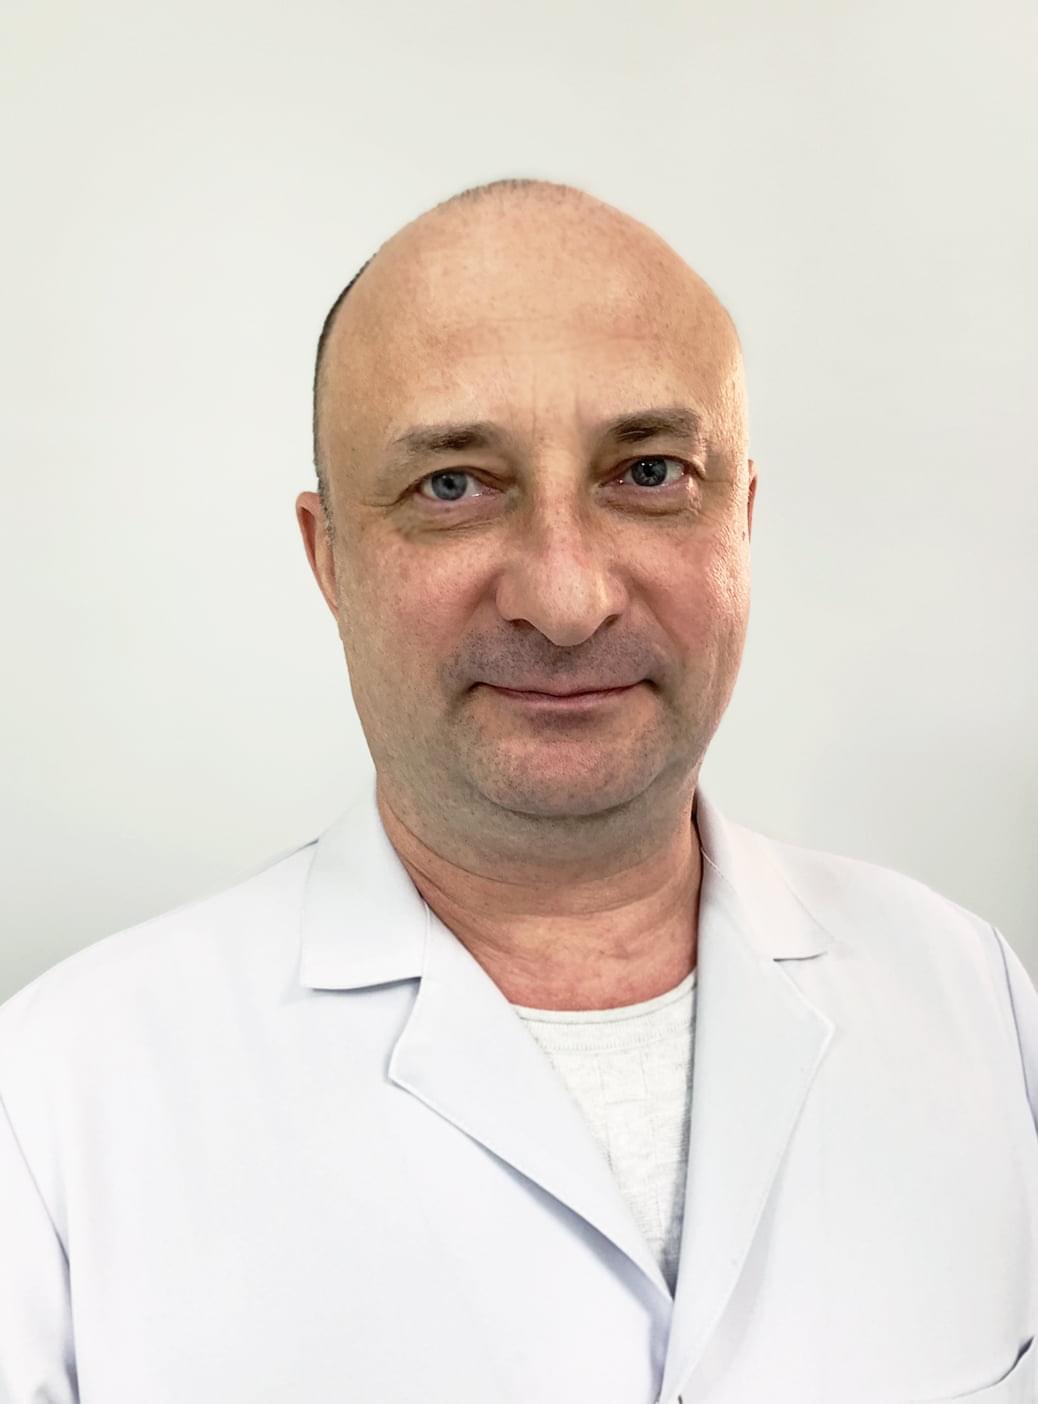 Попов Юрий Валерьевич : Врач травматолог-ортопед, кандидат медицинских наук